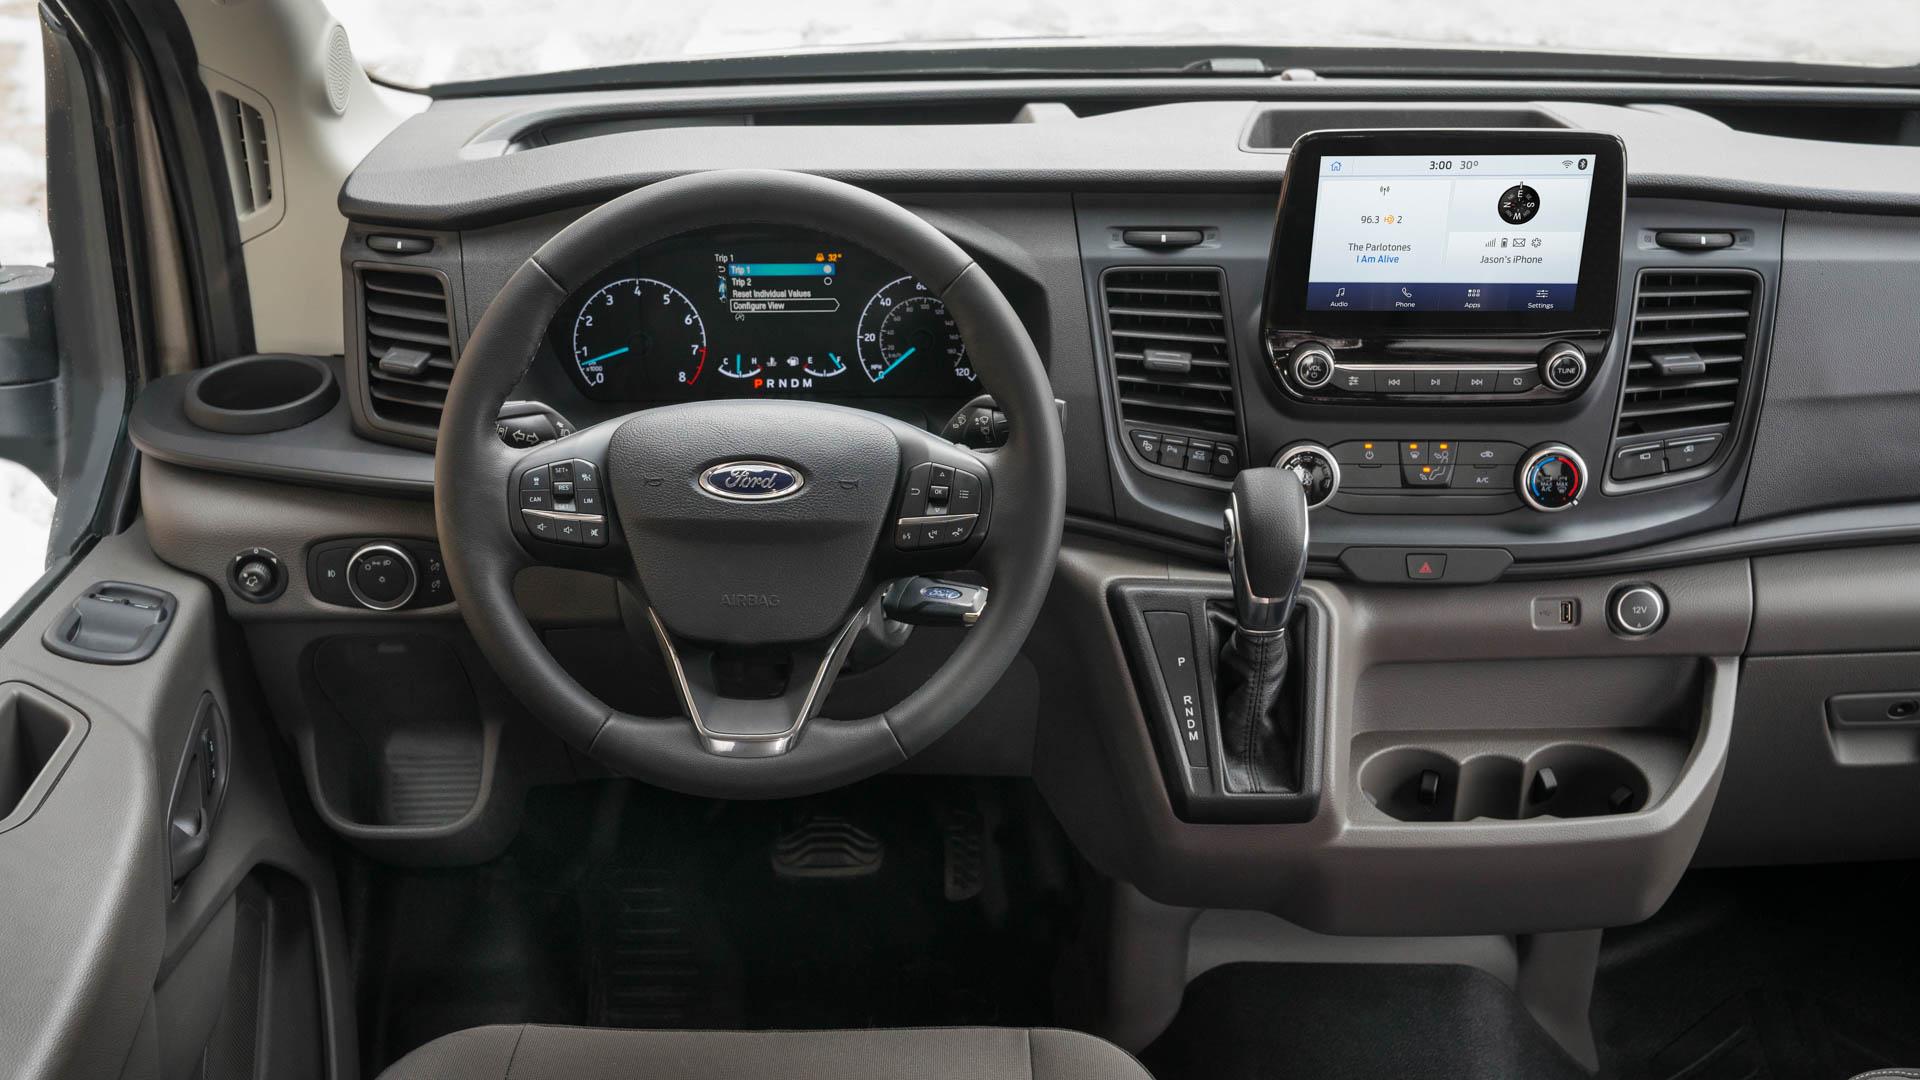 Ford Transit 2020 : Ajout De L'awd, Nouveaux Moteurs